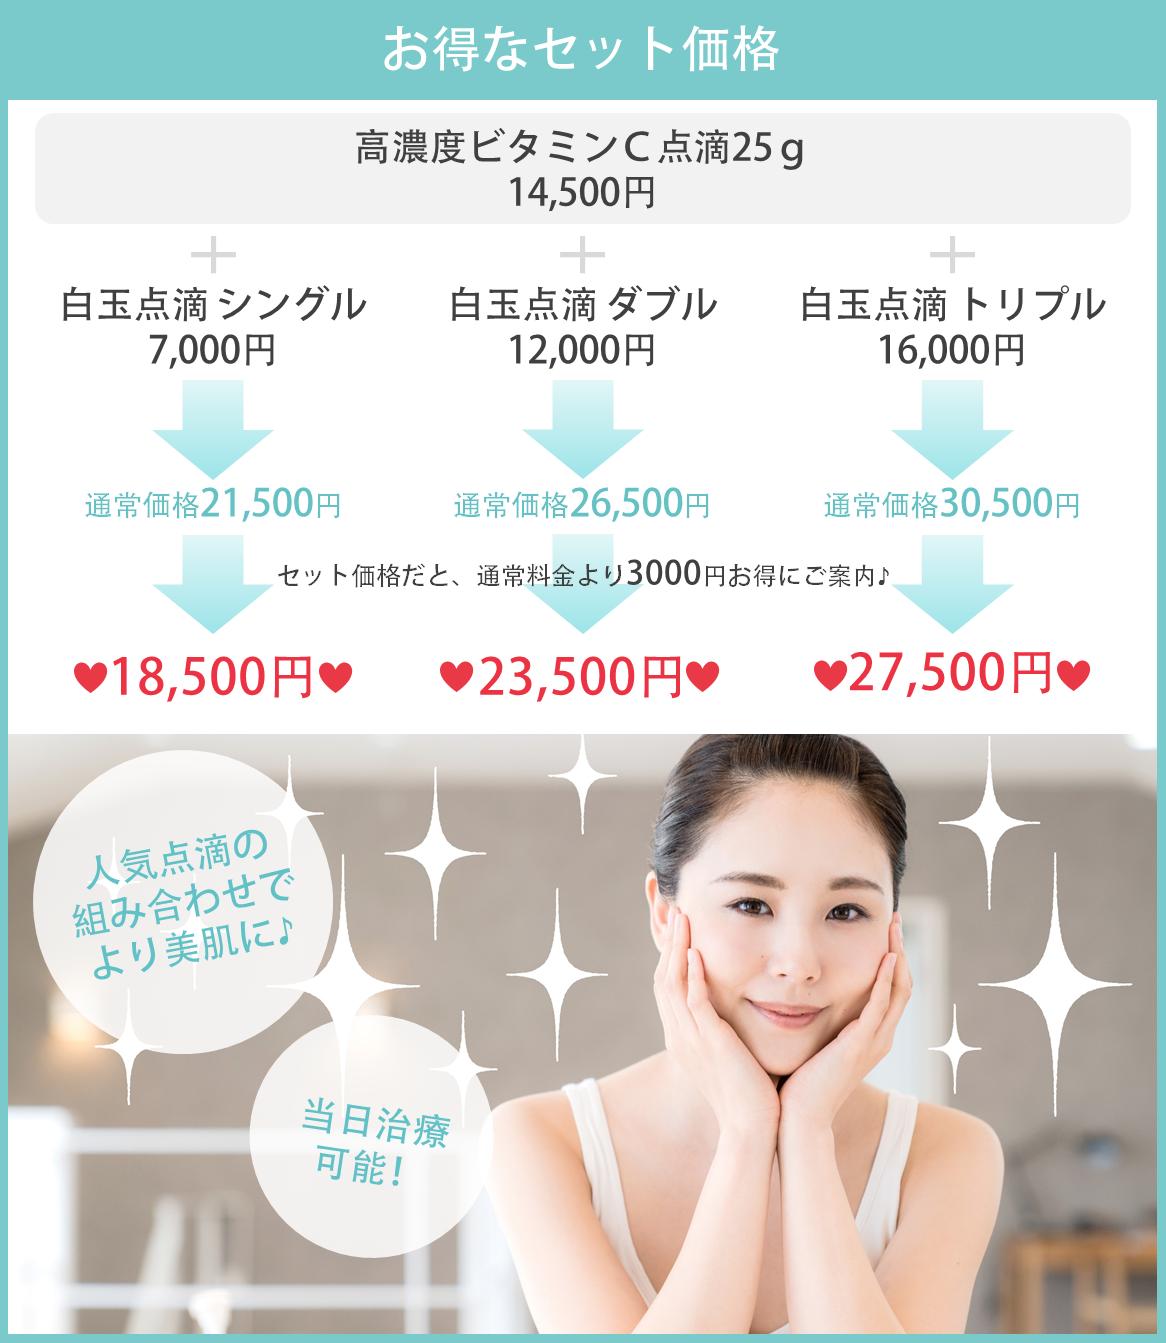 高濃度ビタミンC点滴+白玉点滴のお得なセット価格もございます。セット価格だと、通常料金より3000円お得にご案内♪人気点滴の組み合わせでより美肌に♪当日治療可能!